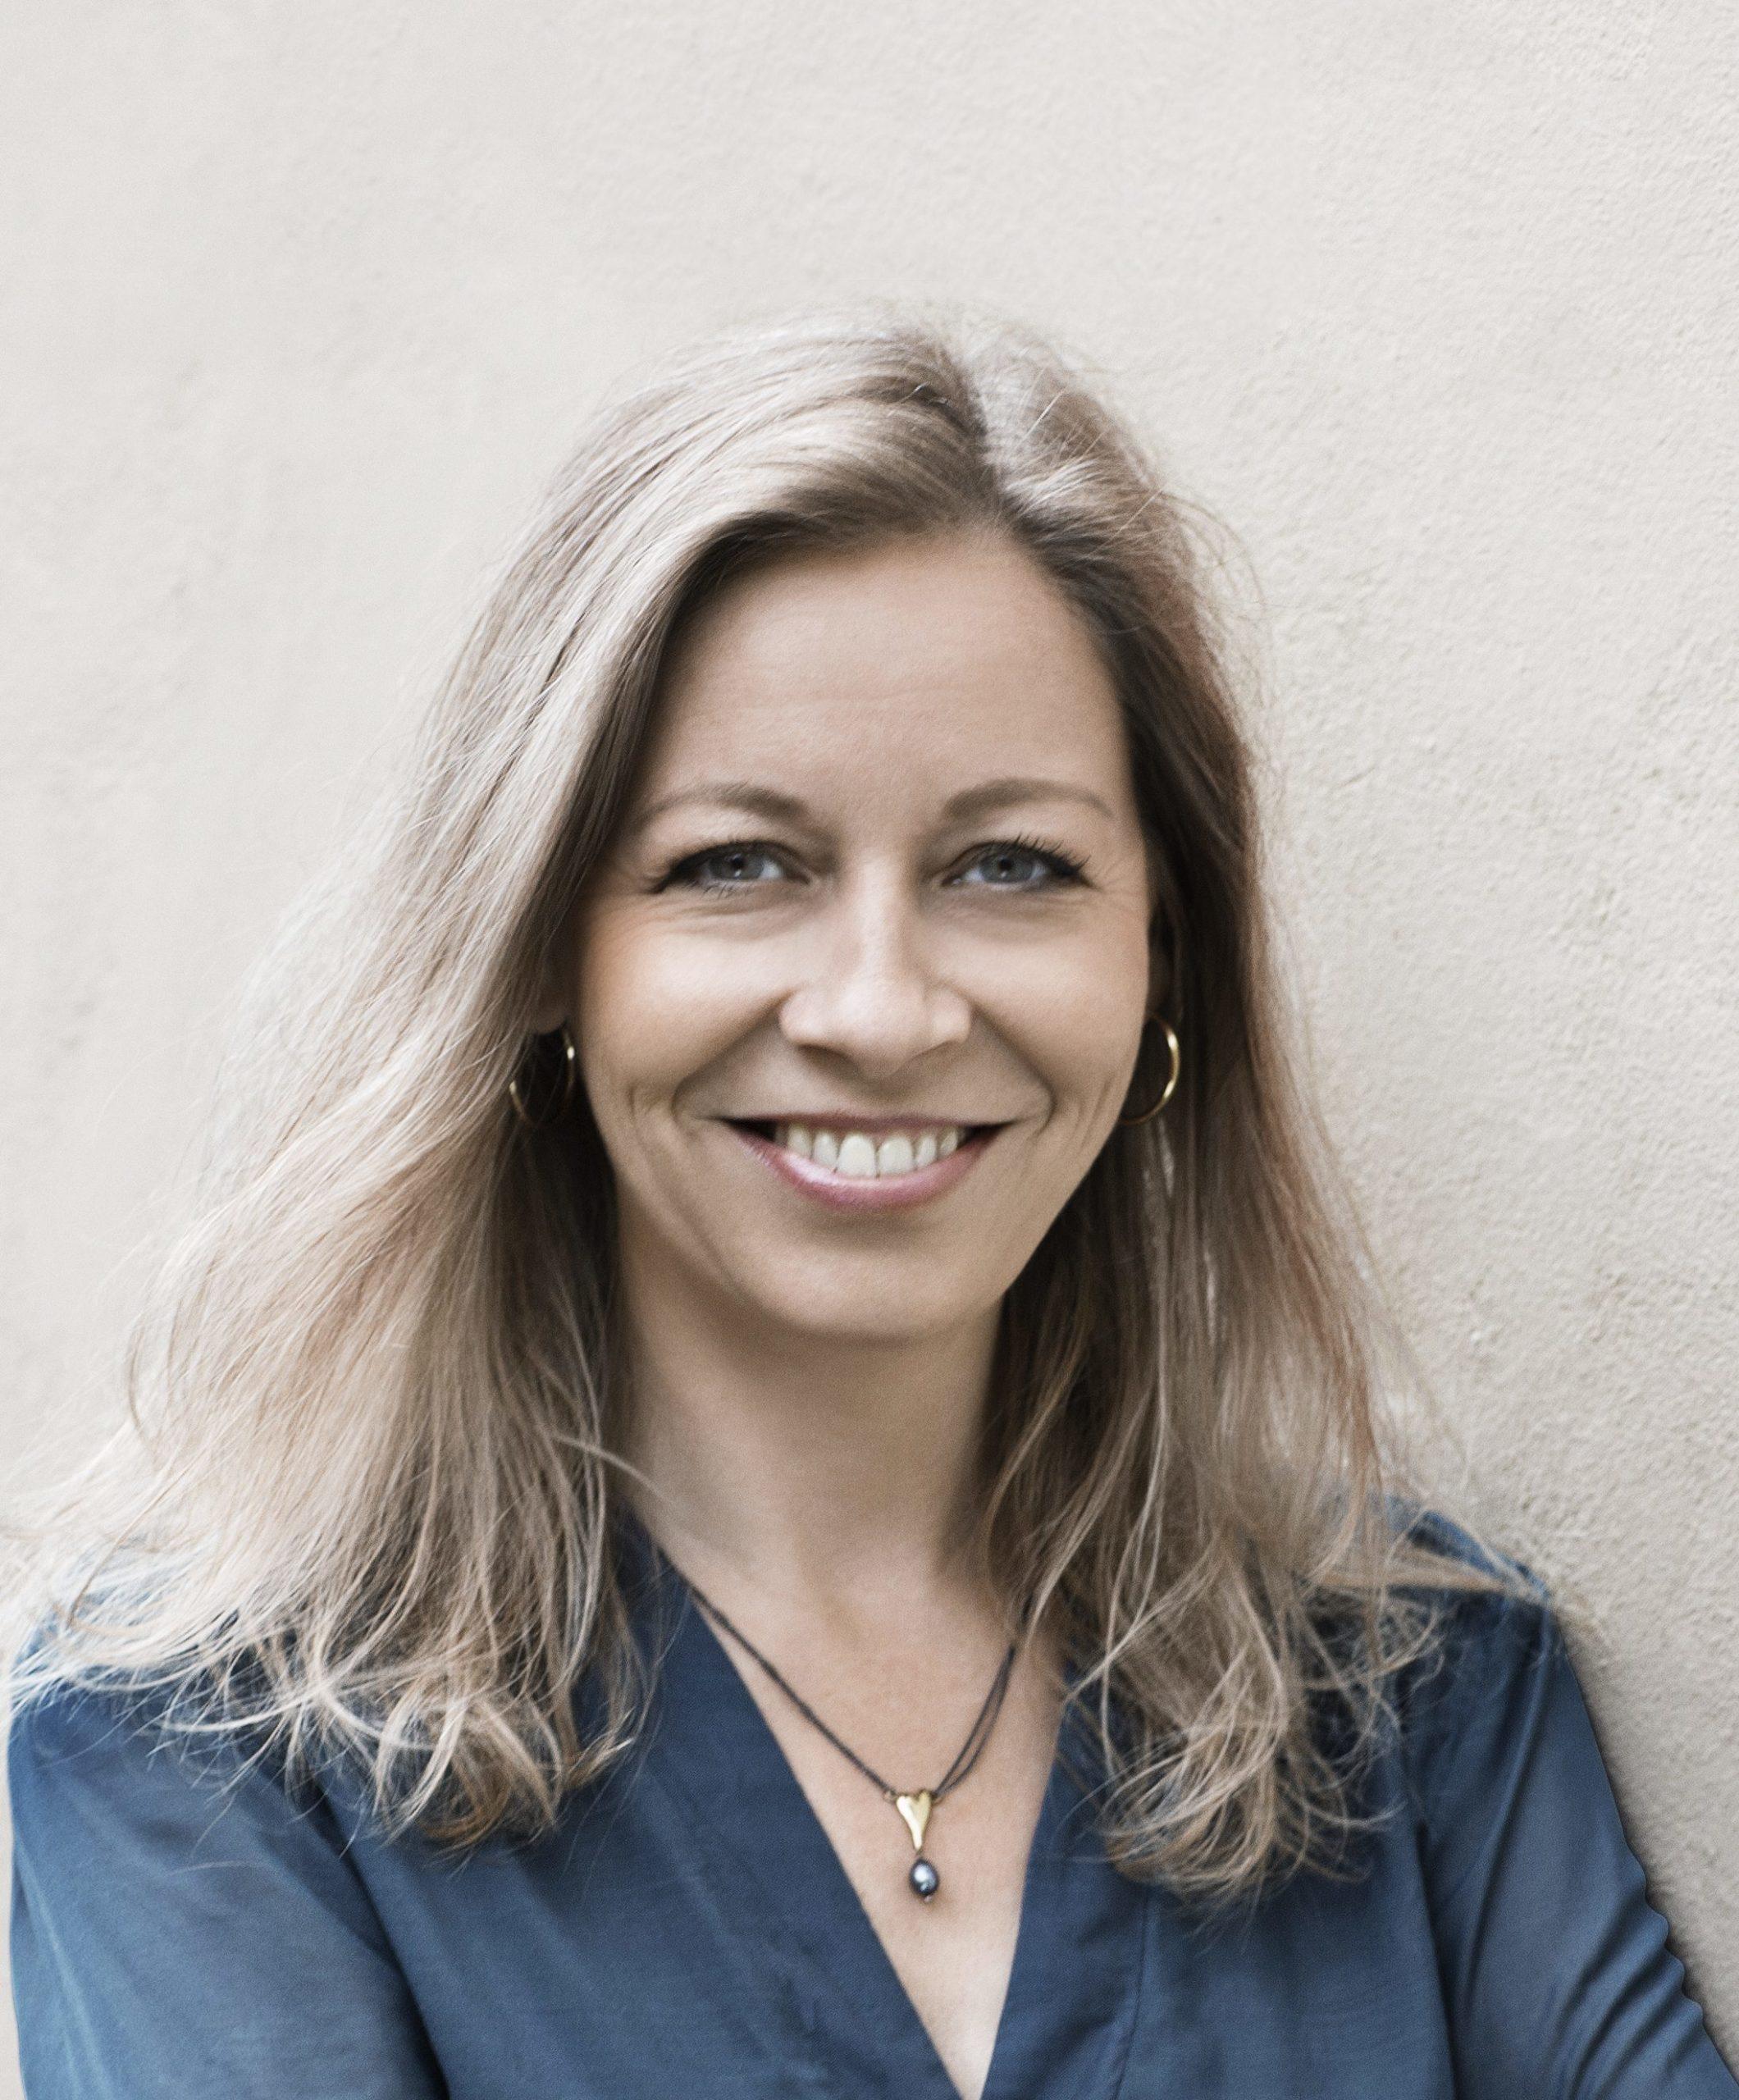 Mette Wimmelmann Rosenvel